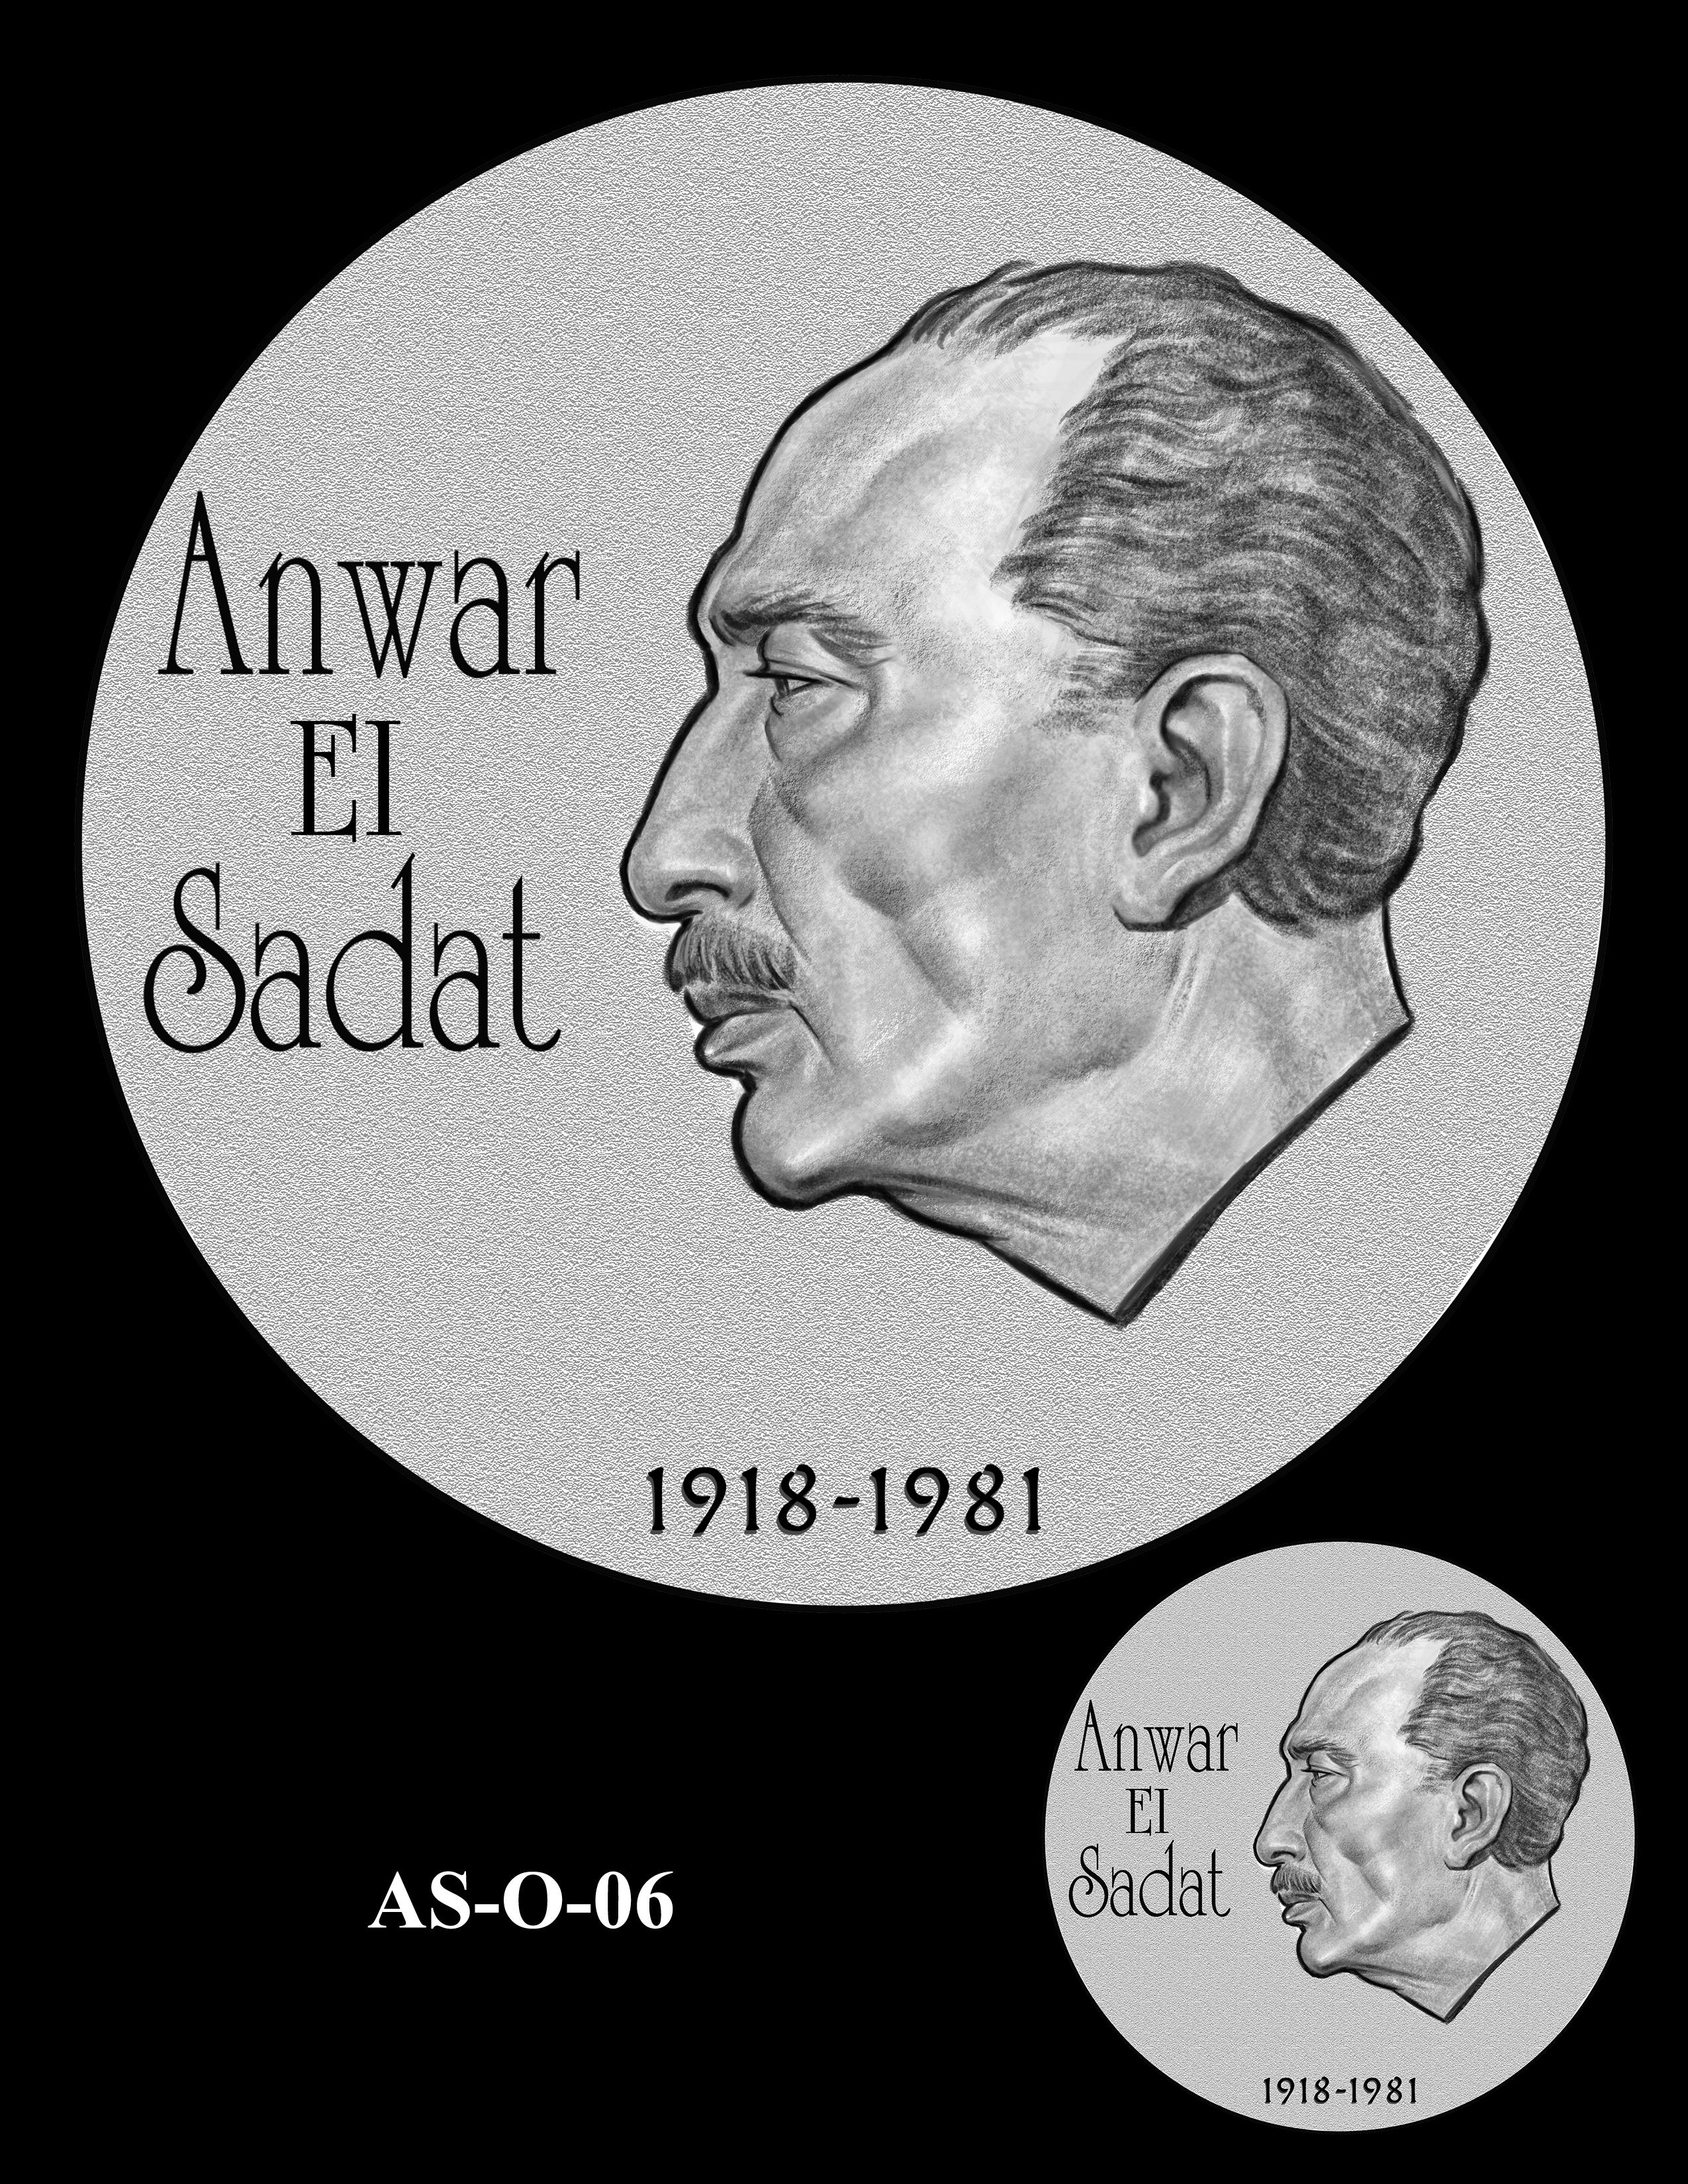 AS-O-06 -- Anwar El Sadat CGM Obverse